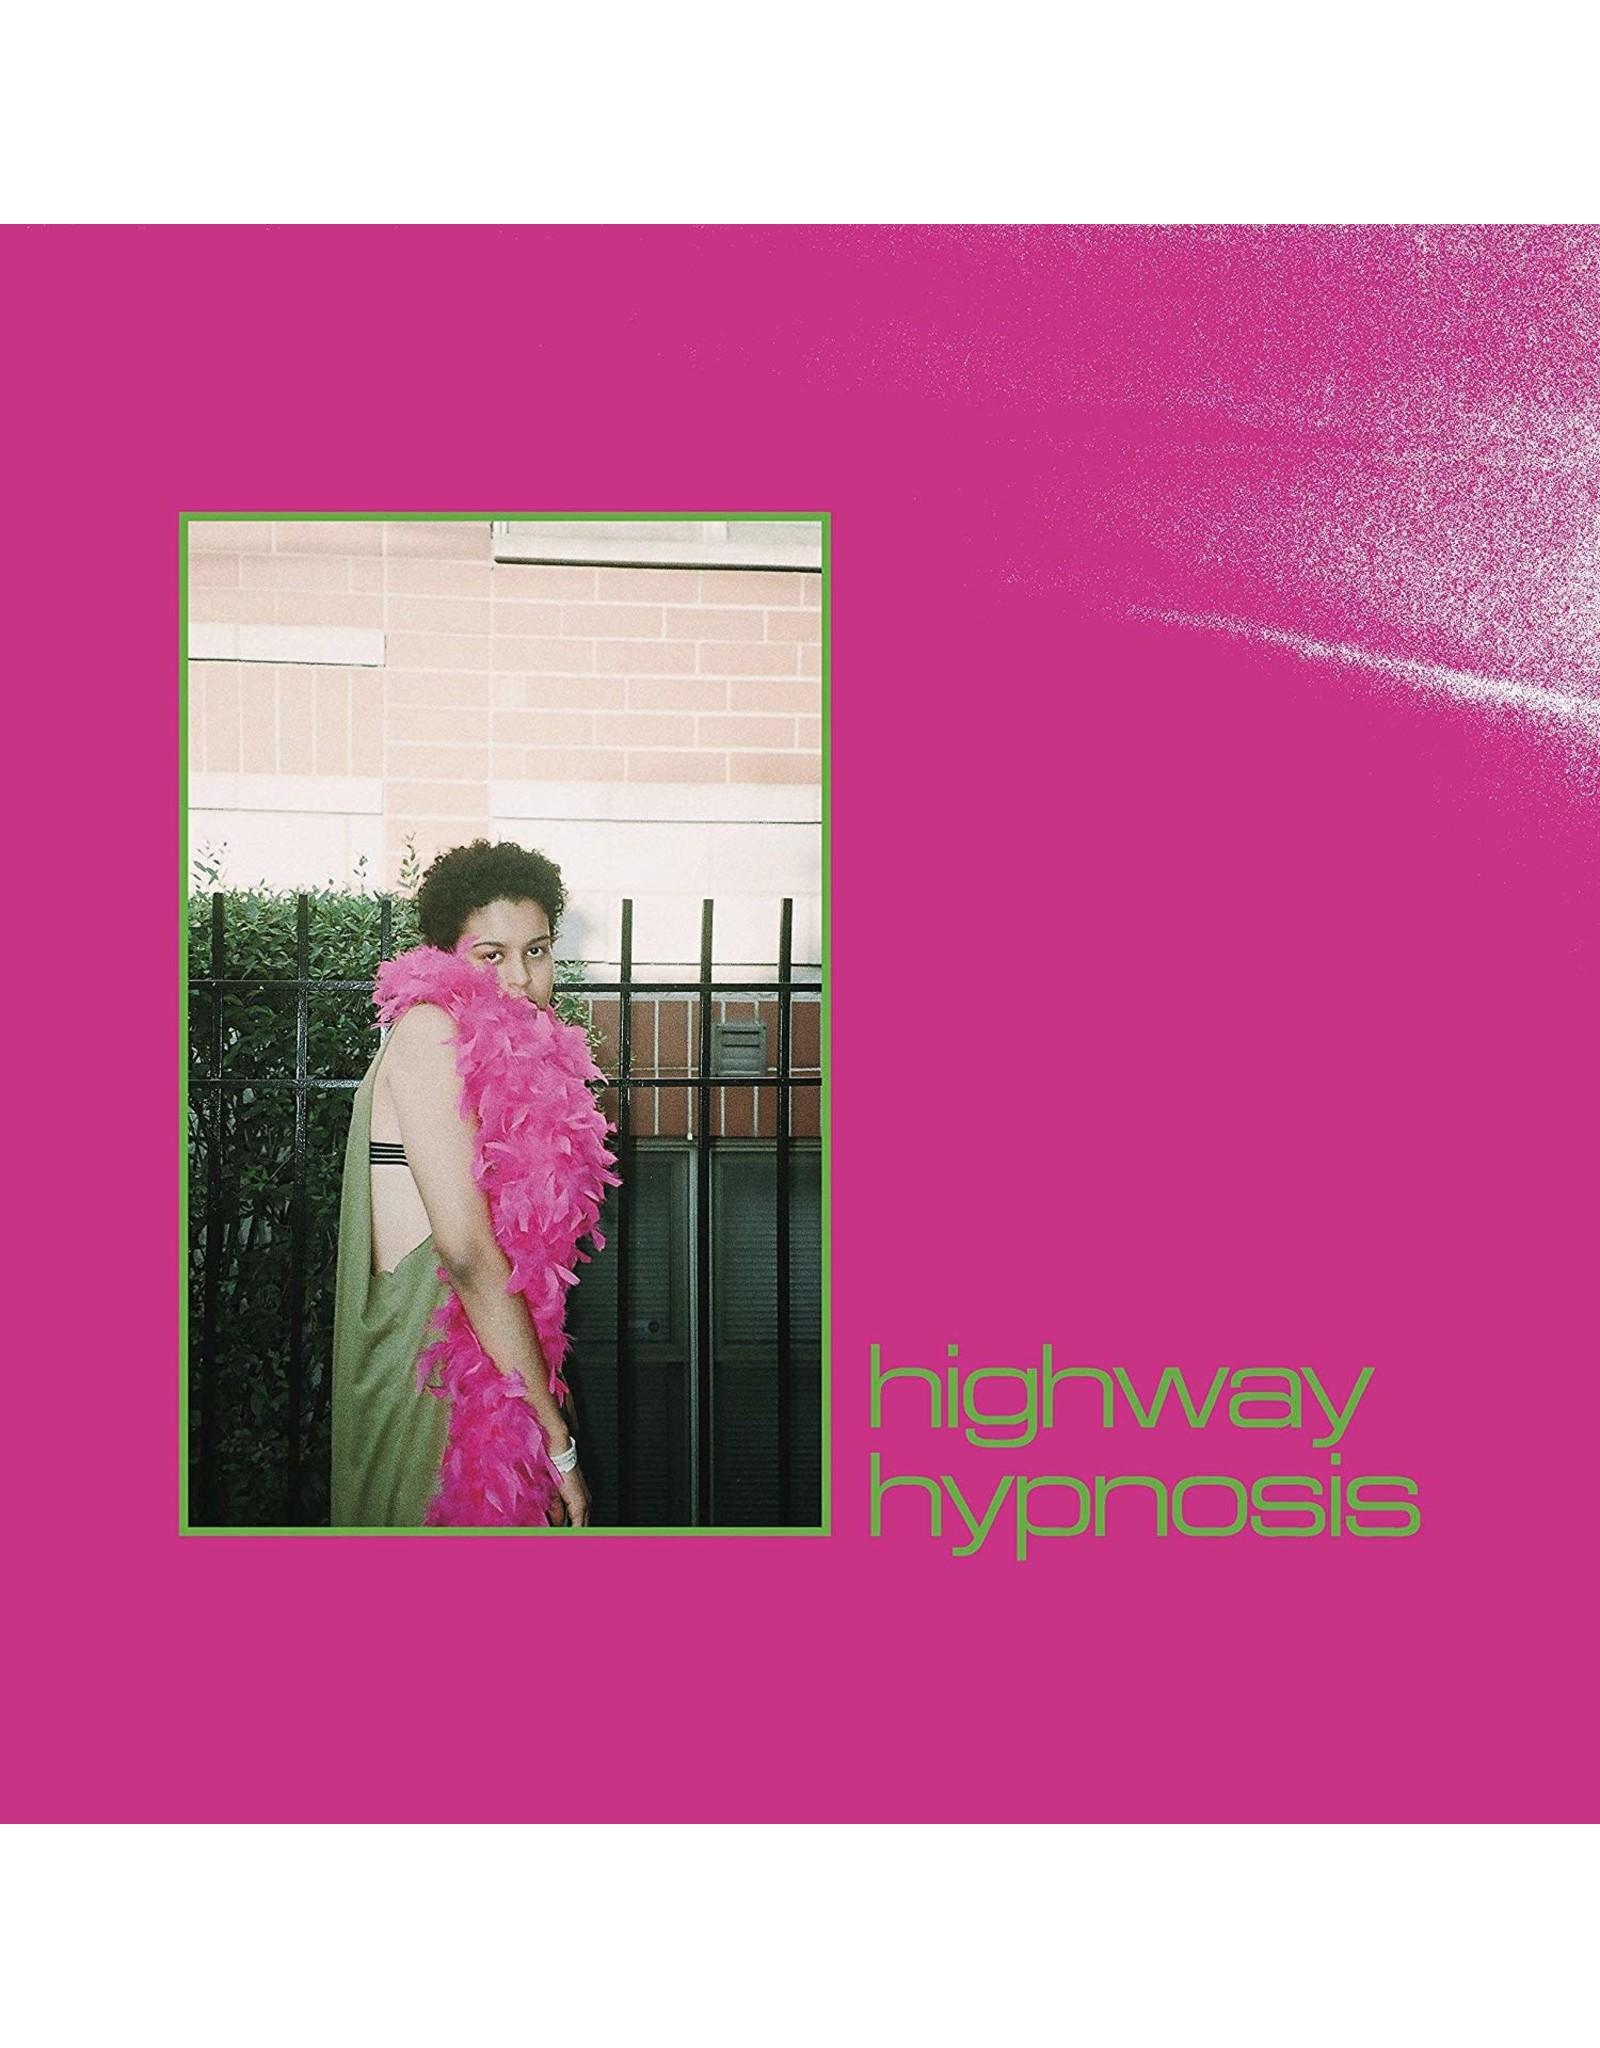 Sneaks - Highway Hypnosis LP